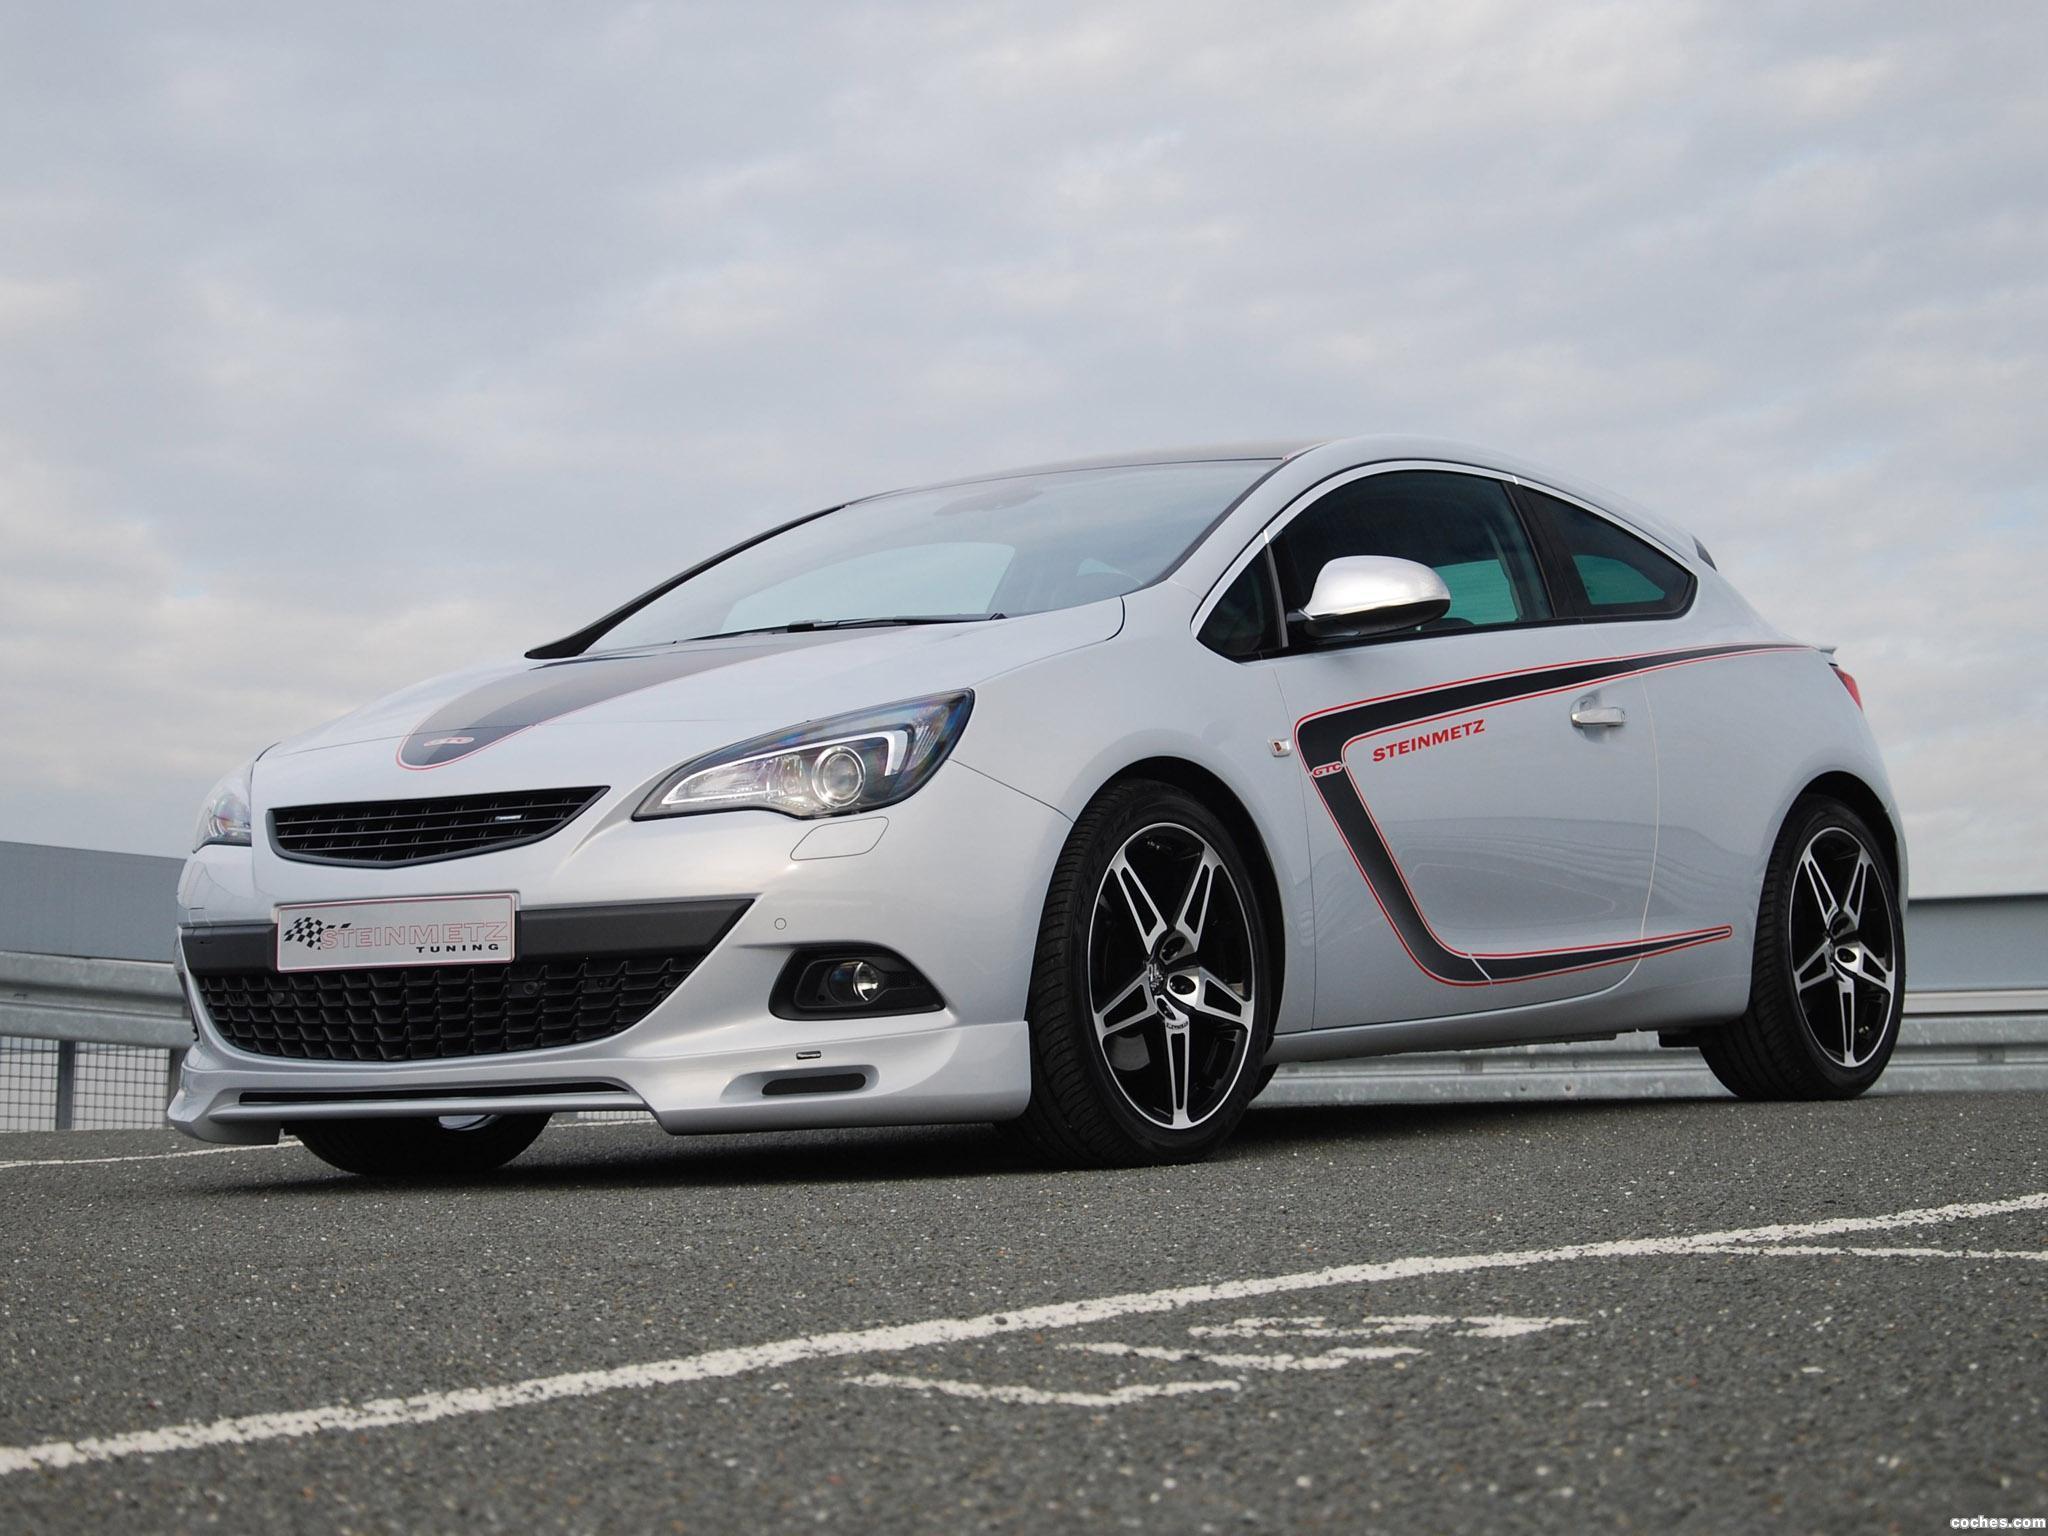 Foto 0 de Steinmetz Opel Astra GTC 2011